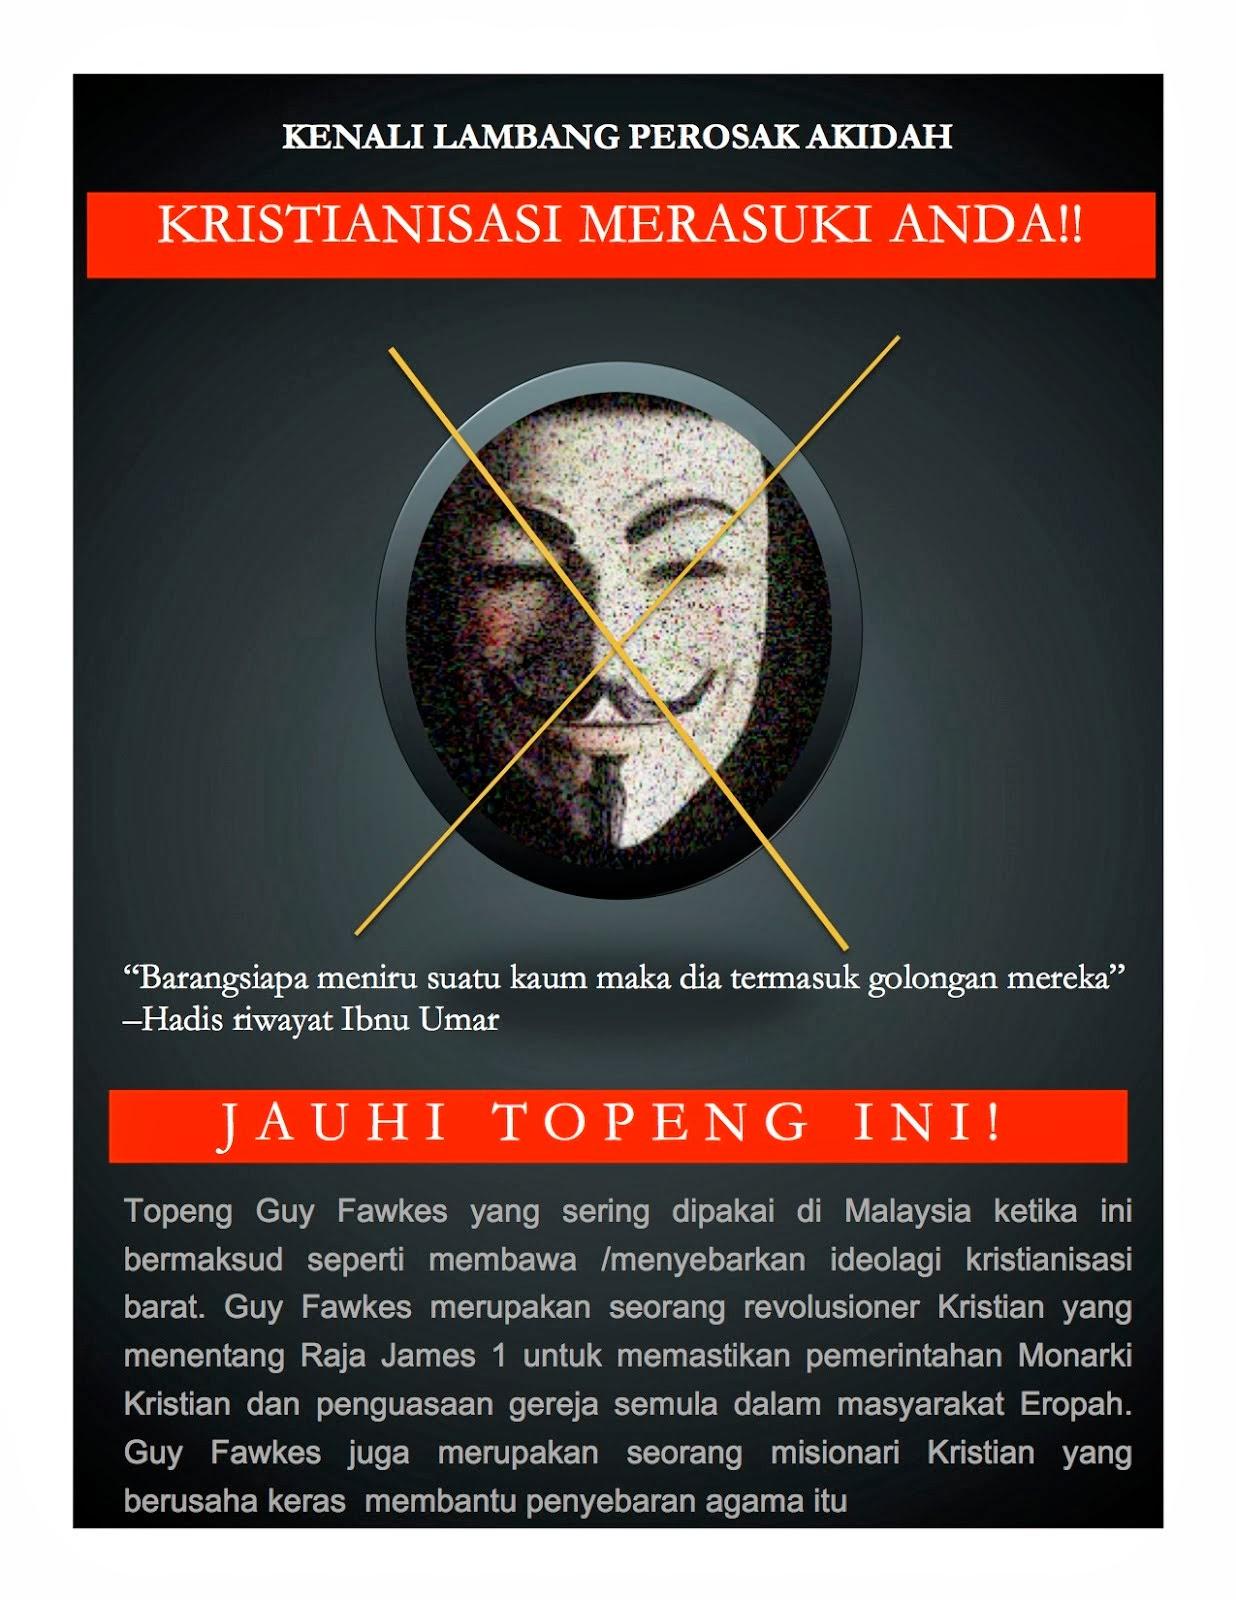 BEST KISAH TENTERA MALAYSIA YANG TIDAK MENDENGAR ARAHAN DI